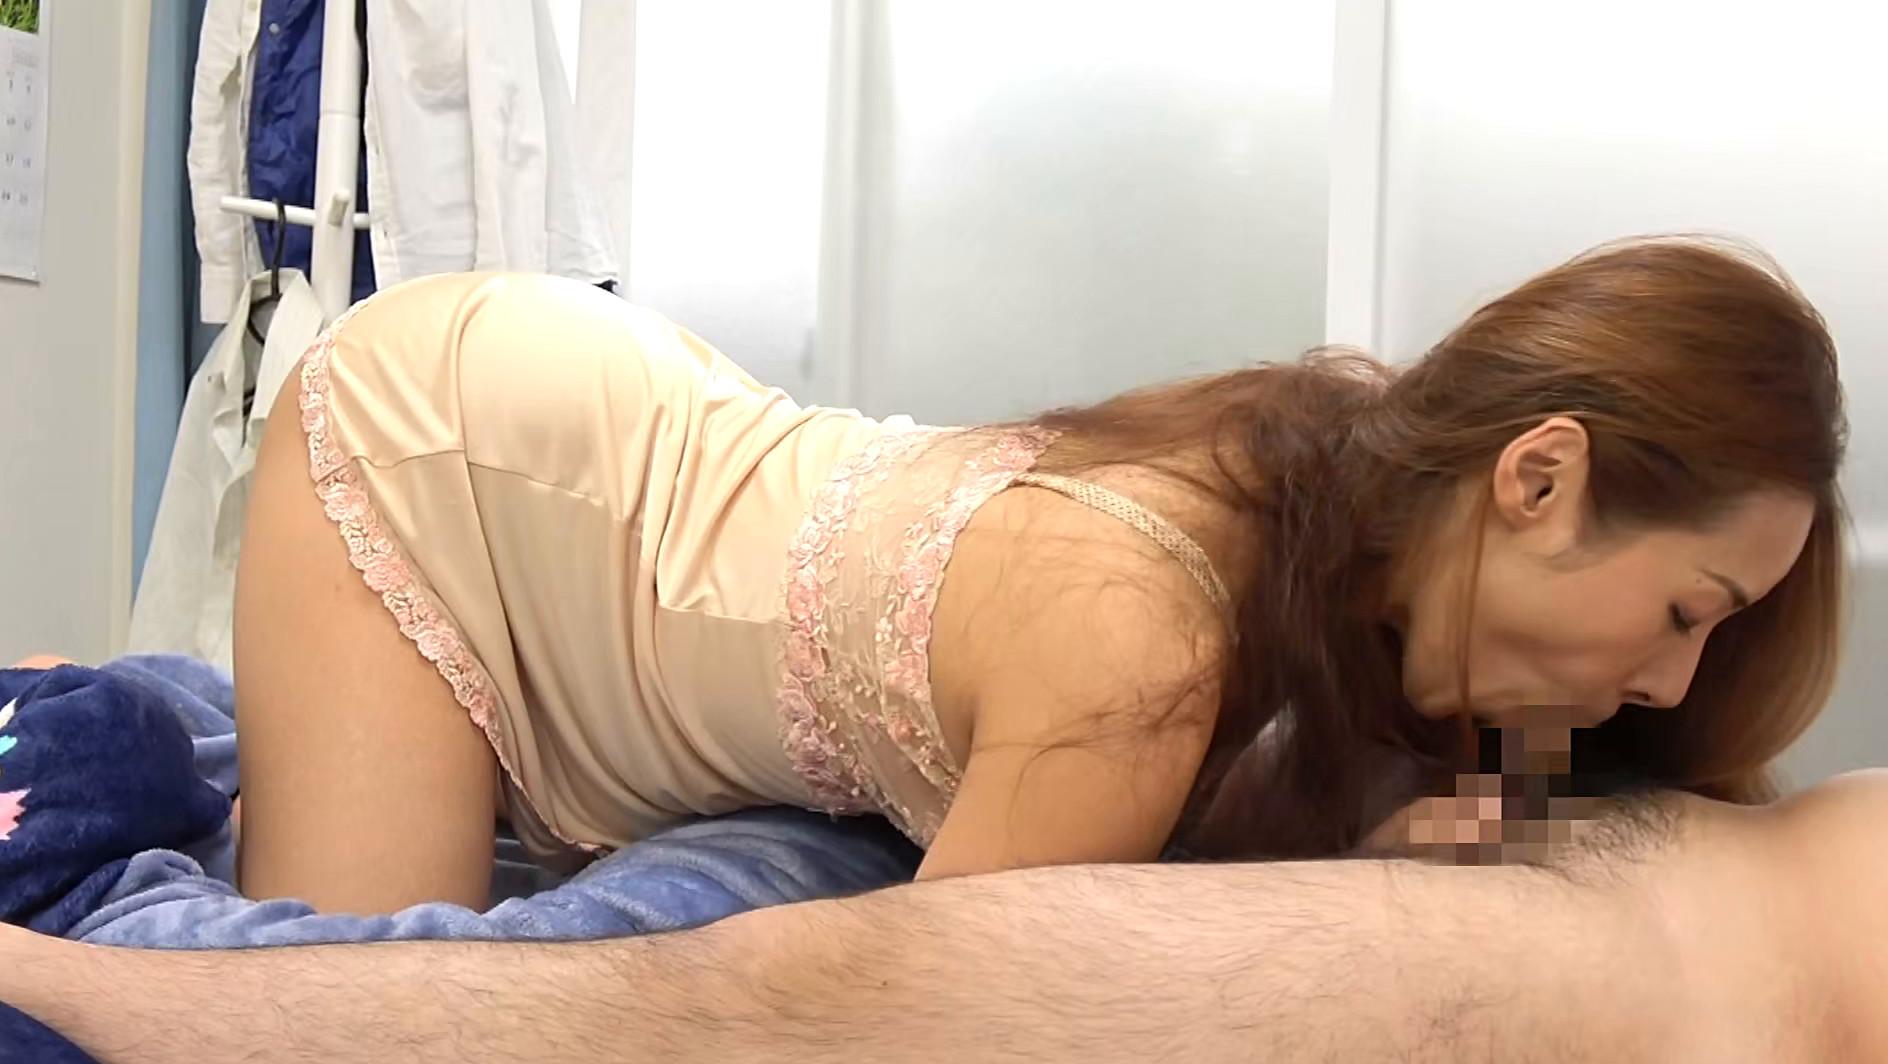 熟女官能ドラマスペシャル アナルで悶え乱れる五十路妻 陰部を視姦されて濡れる人妻 6人4時間 画像8